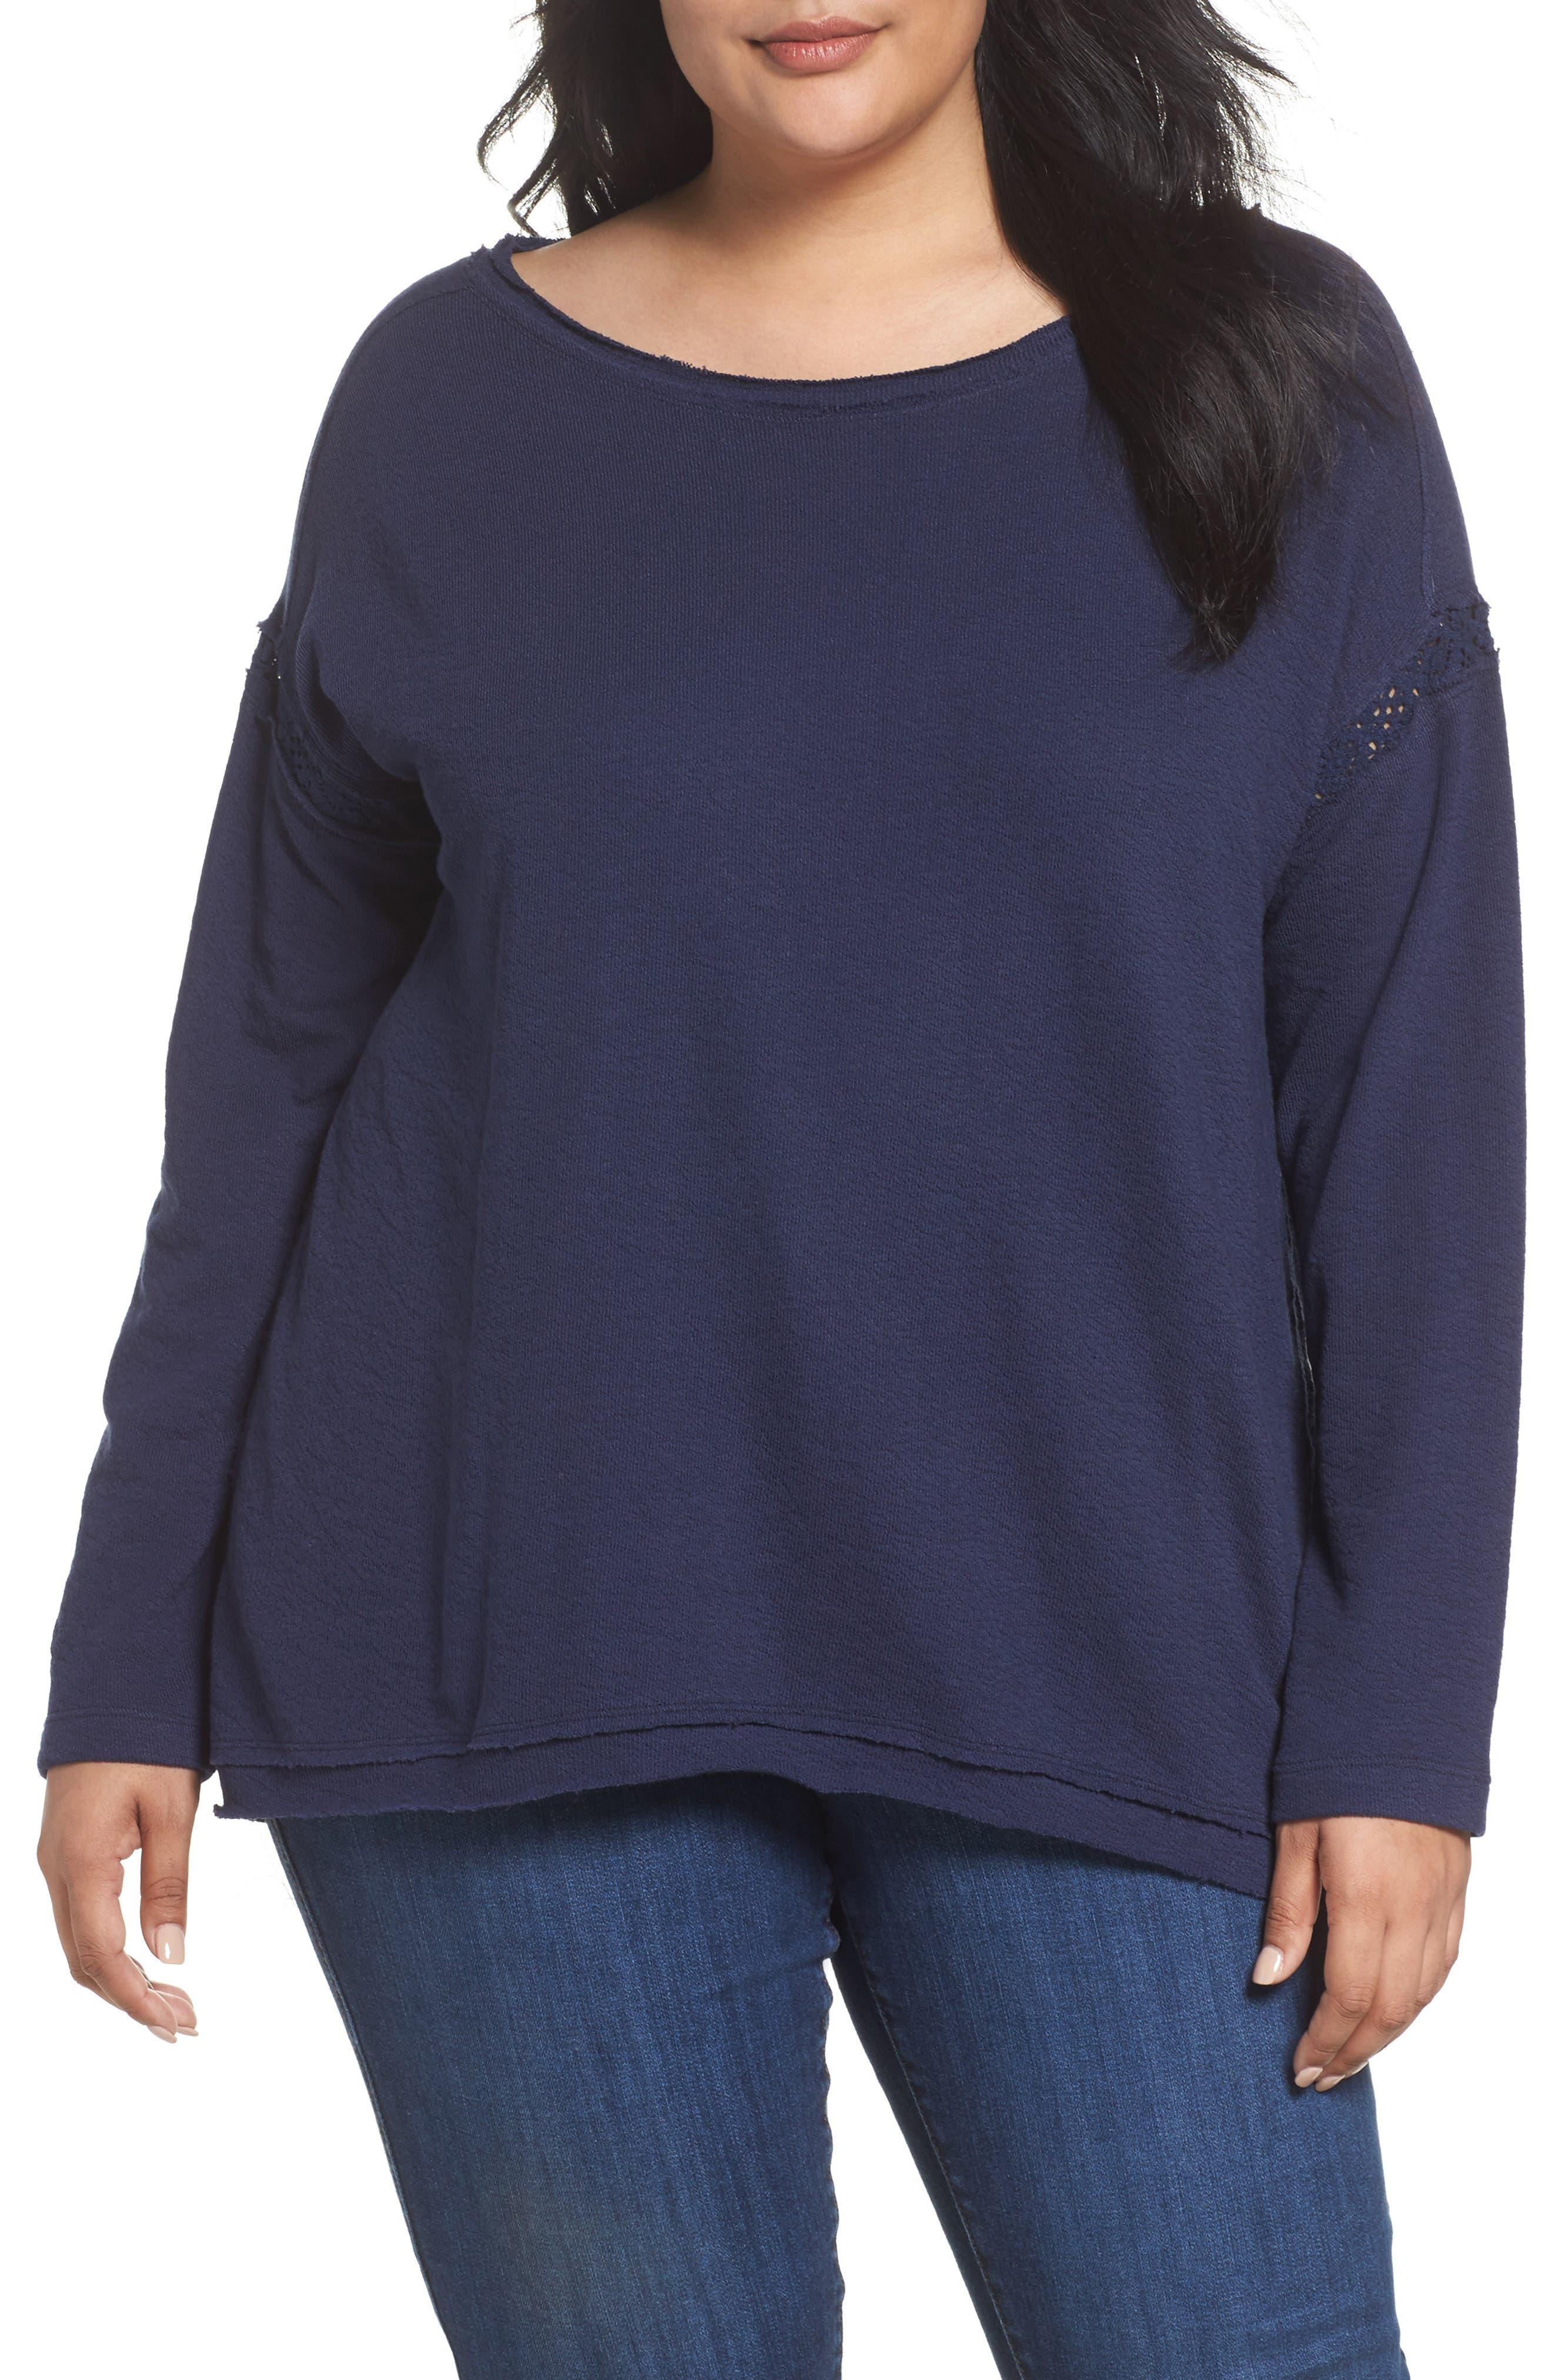 Main Image - Caslon Lace Trim Sweatshirt (Plus Size)